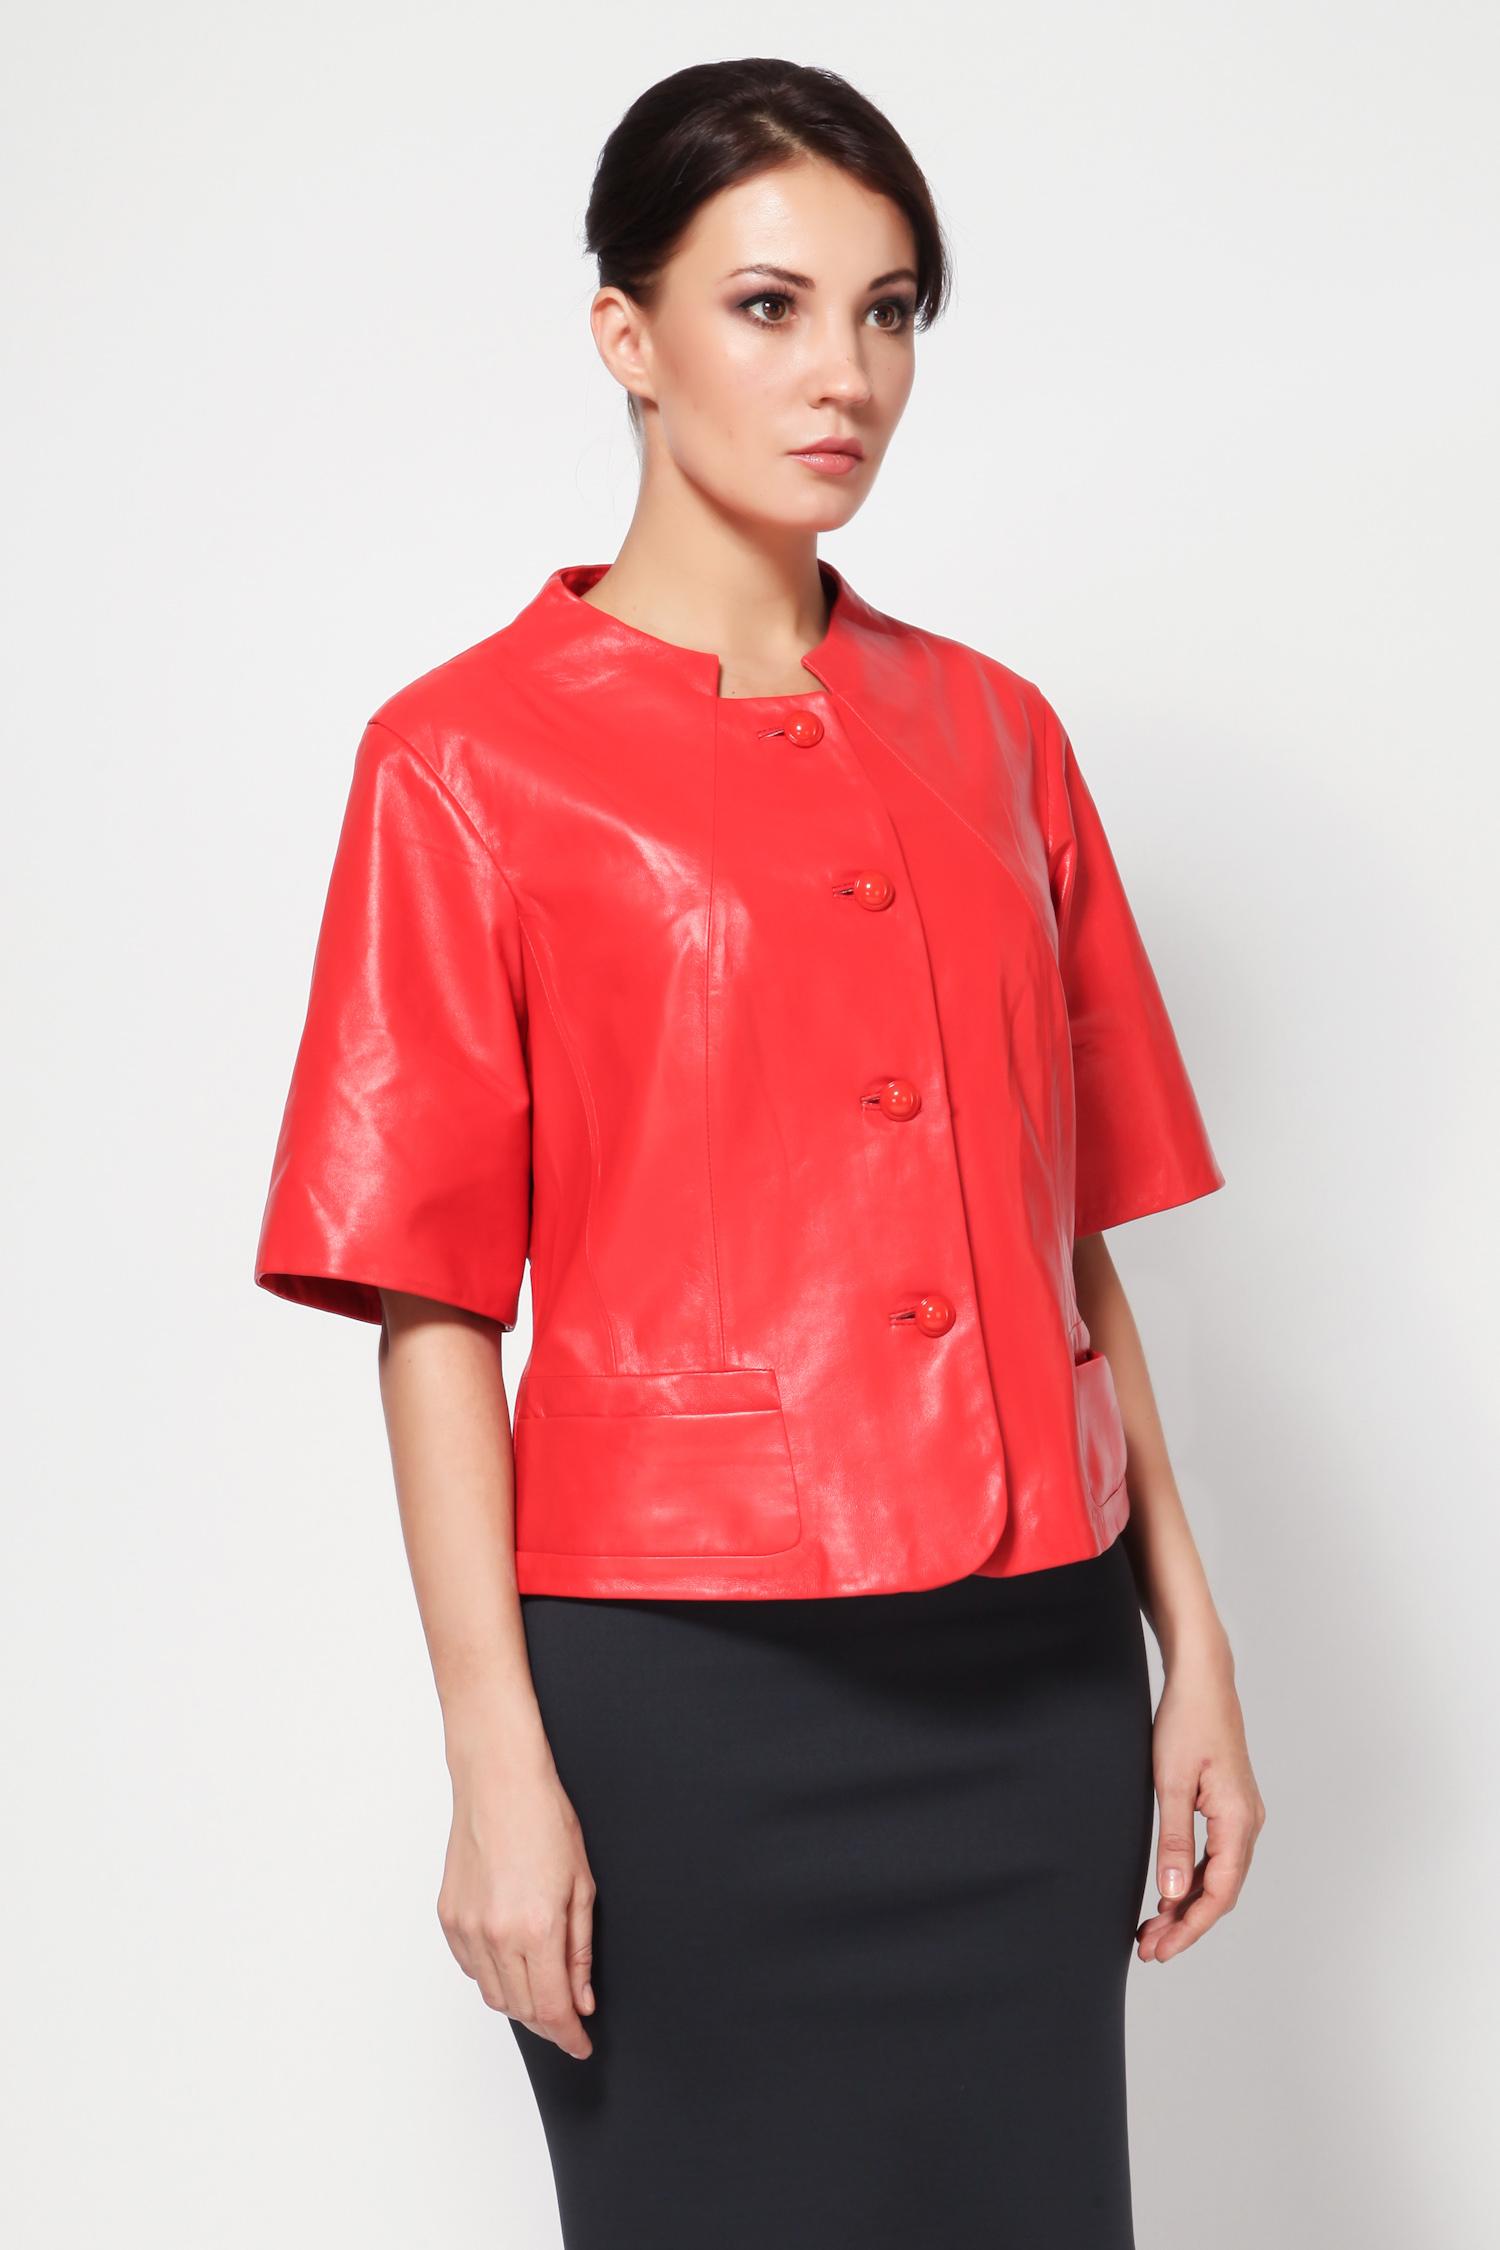 Женская кожаная куртка из натуральной кожи, без отделки<br><br>Длина см: Короткая (51-74 )<br>Материал: Кожа овчина<br>Цвет: красный<br>Застежка: на пуговицы<br>Пол: Женский<br>Размер RU: 50